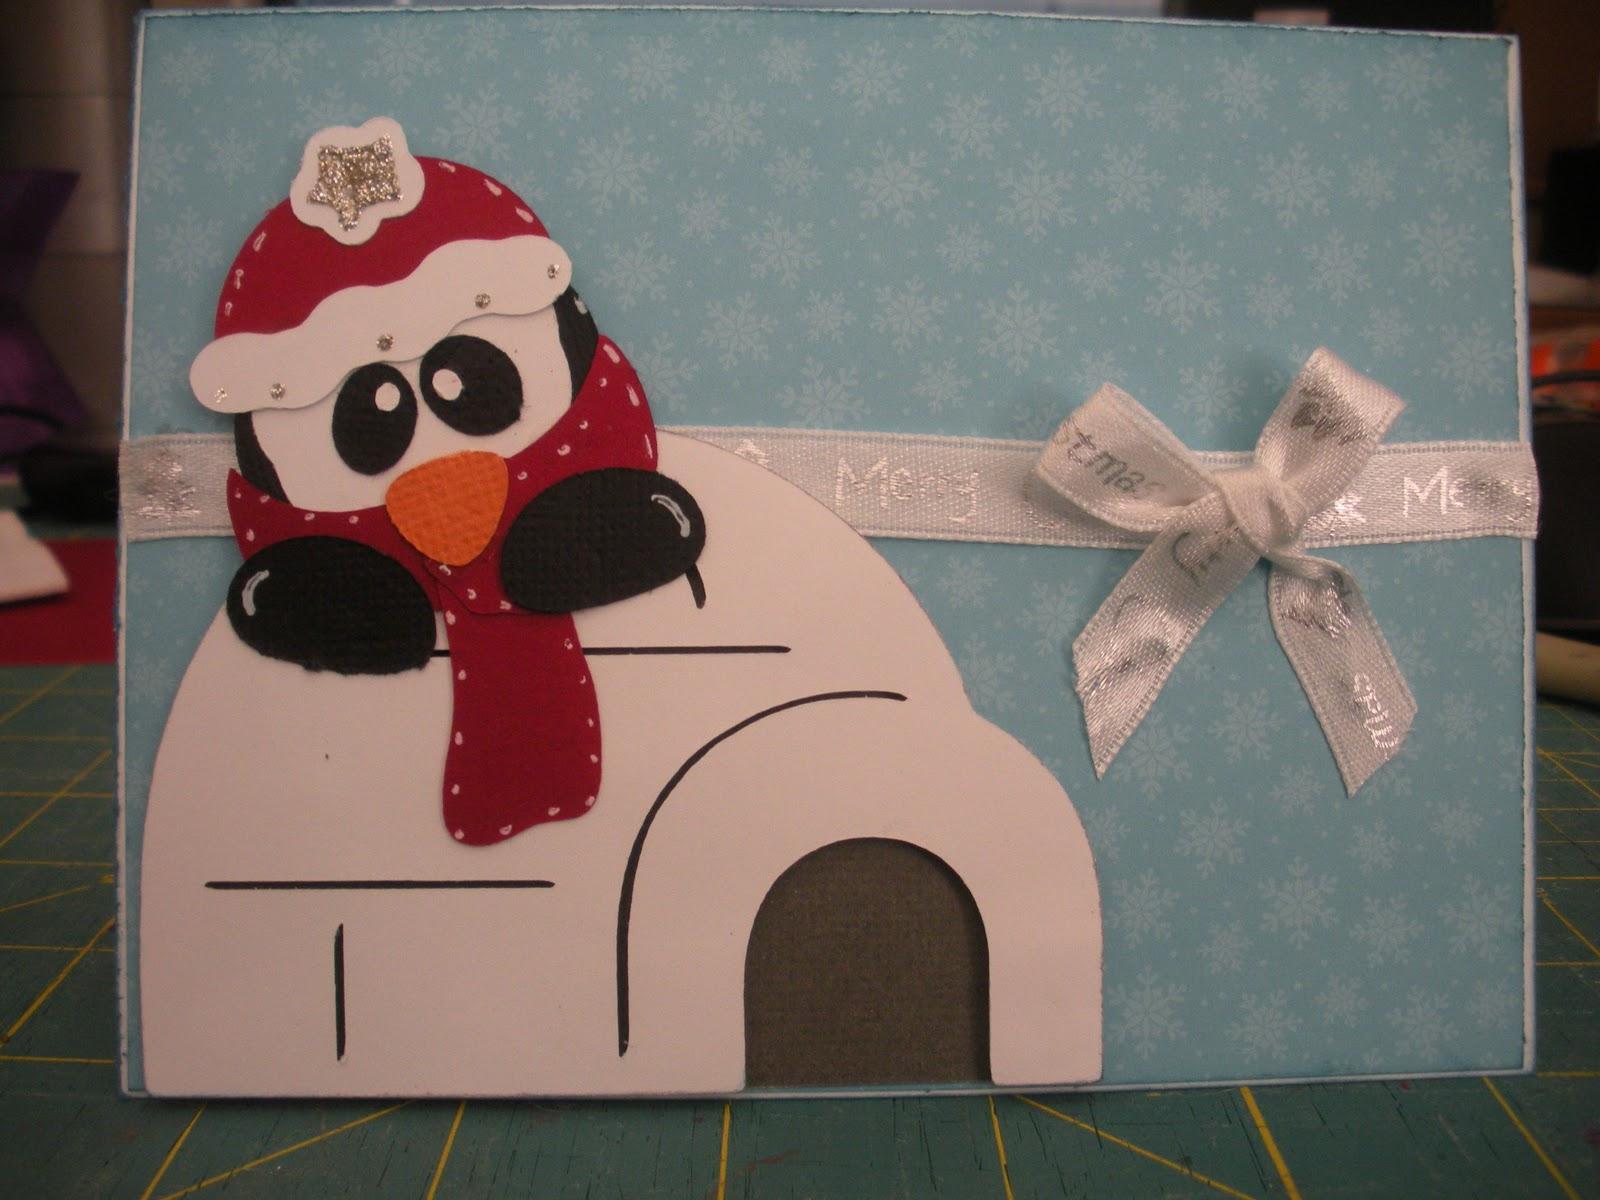 http://4.bp.blogspot.com/-KjUWeuGl7hk/TrhM6yKDwlI/AAAAAAAAAKs/LlNS3N5dNgs/s1600/penguin+card+002.JPG